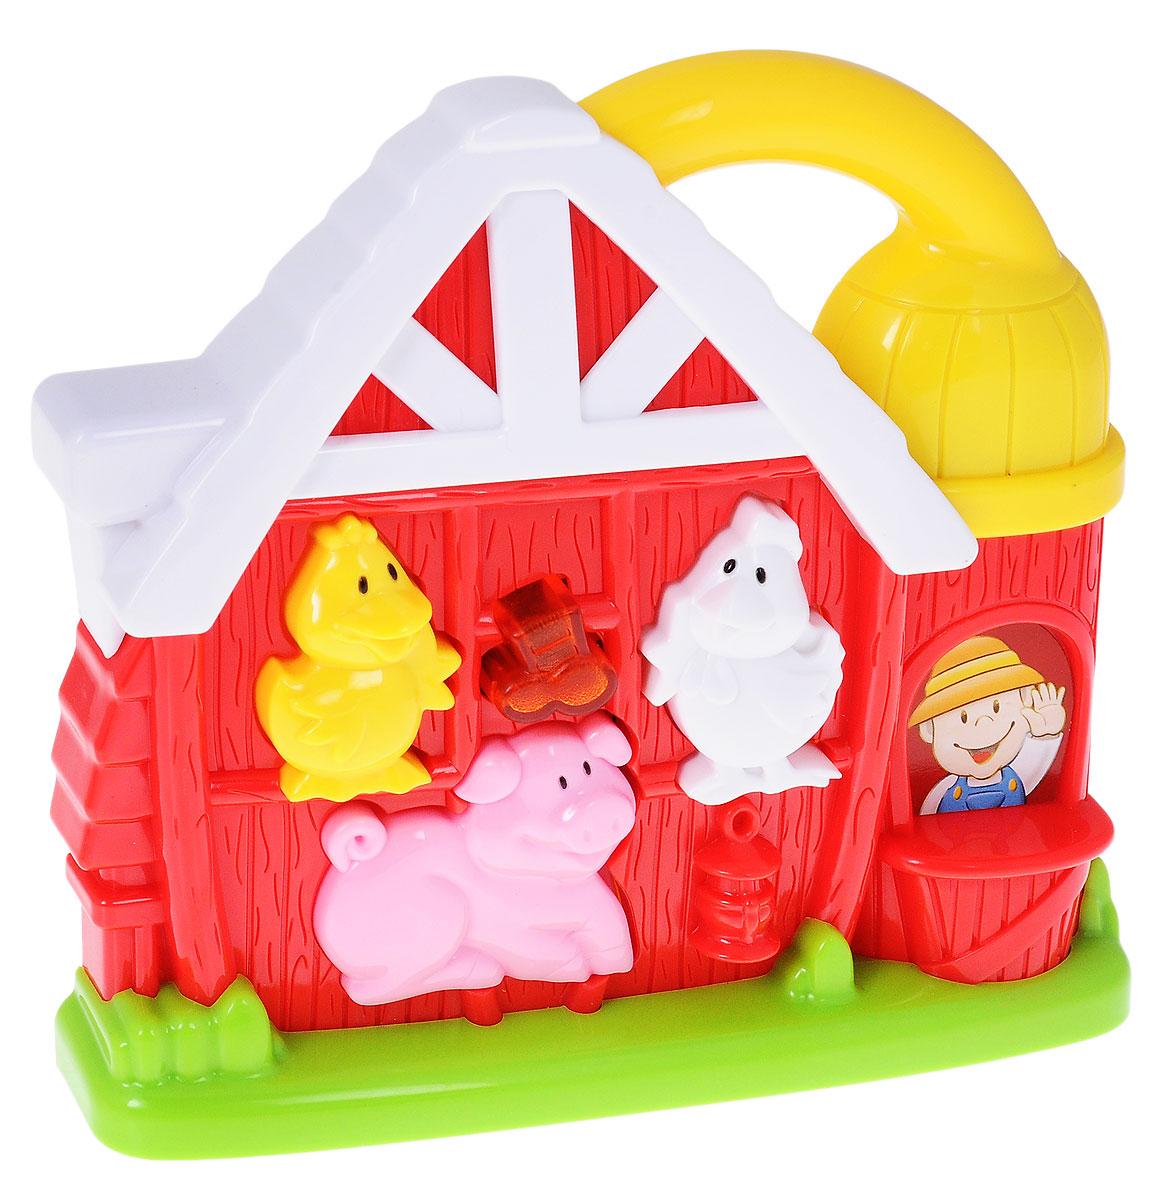 Navystar Развивающая игрушка Музыкальная ферма68085-E-FЯркая развивающая игрушка Музыкальная ферма обязательно порадует малыша приятными мелодиями и забавными звуками. Игрушка выполнена в виде домика с цветными фигурками-кнопками. Если нажать на фигурку утки, курочки или поросенка, то игрушка воспроизведет голоса этих животных. В центре домика имеется музыкальная кнопка, нажатие на которую включает веселые мелодии. Игрушка может воспроизводить 16 разных мелодий. Все звуки сопровождаются ярким миганием музыкальной кнопки. Игрушка оборудована специальной ручкой в крыше фермы для удобной переноски. Игрушка способствует развитию мелкой моторики, слухового и зрительного восприятия. Для работы требуются 2 батарейки LR 44 (комплектуется демонстрационными).